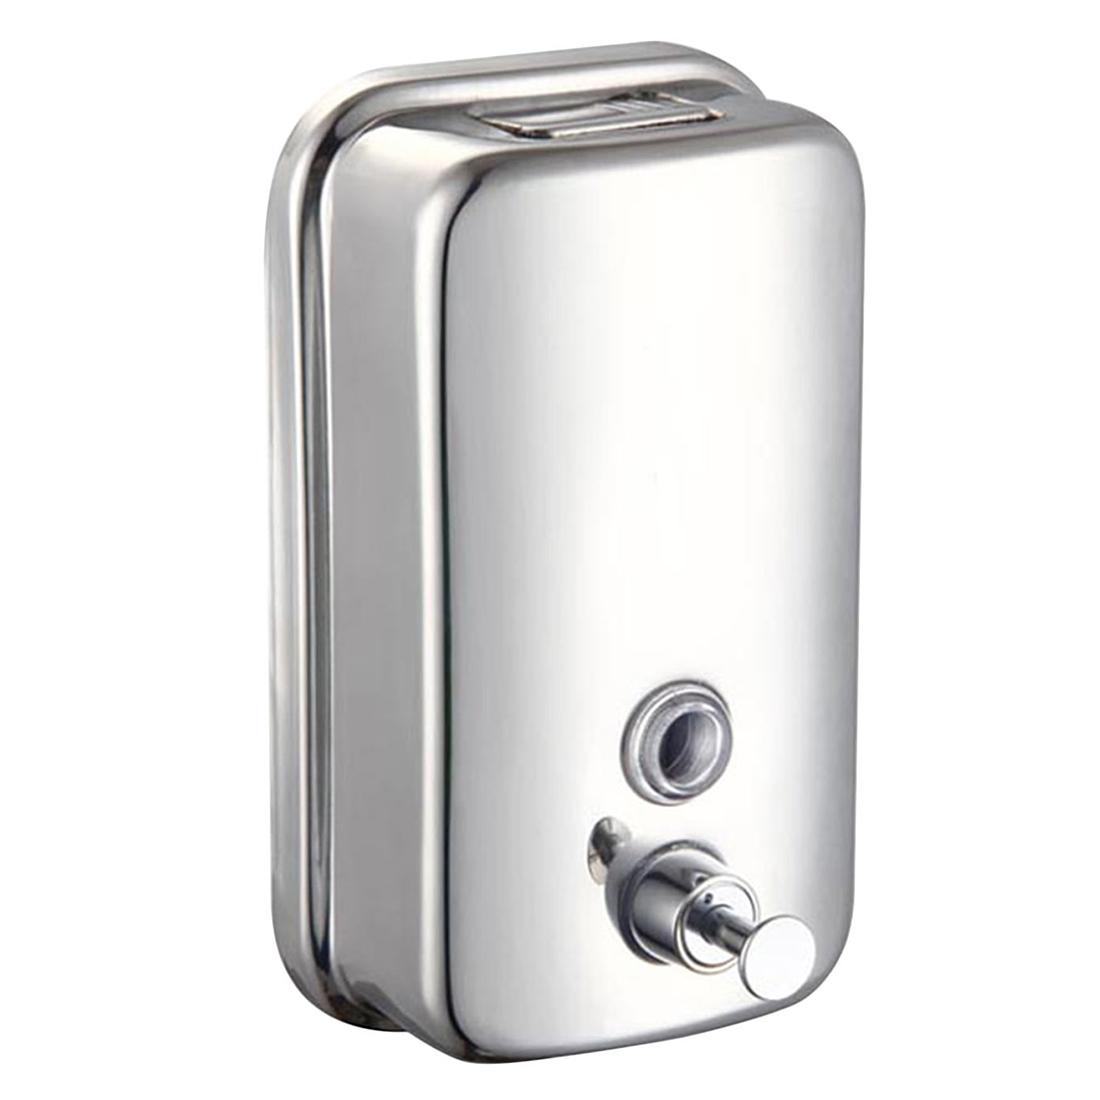 Promoção de Banheiro Dispensador De Shampoo disconto promocional  #5A524F 1100x1100 Acessorios Banheiro China